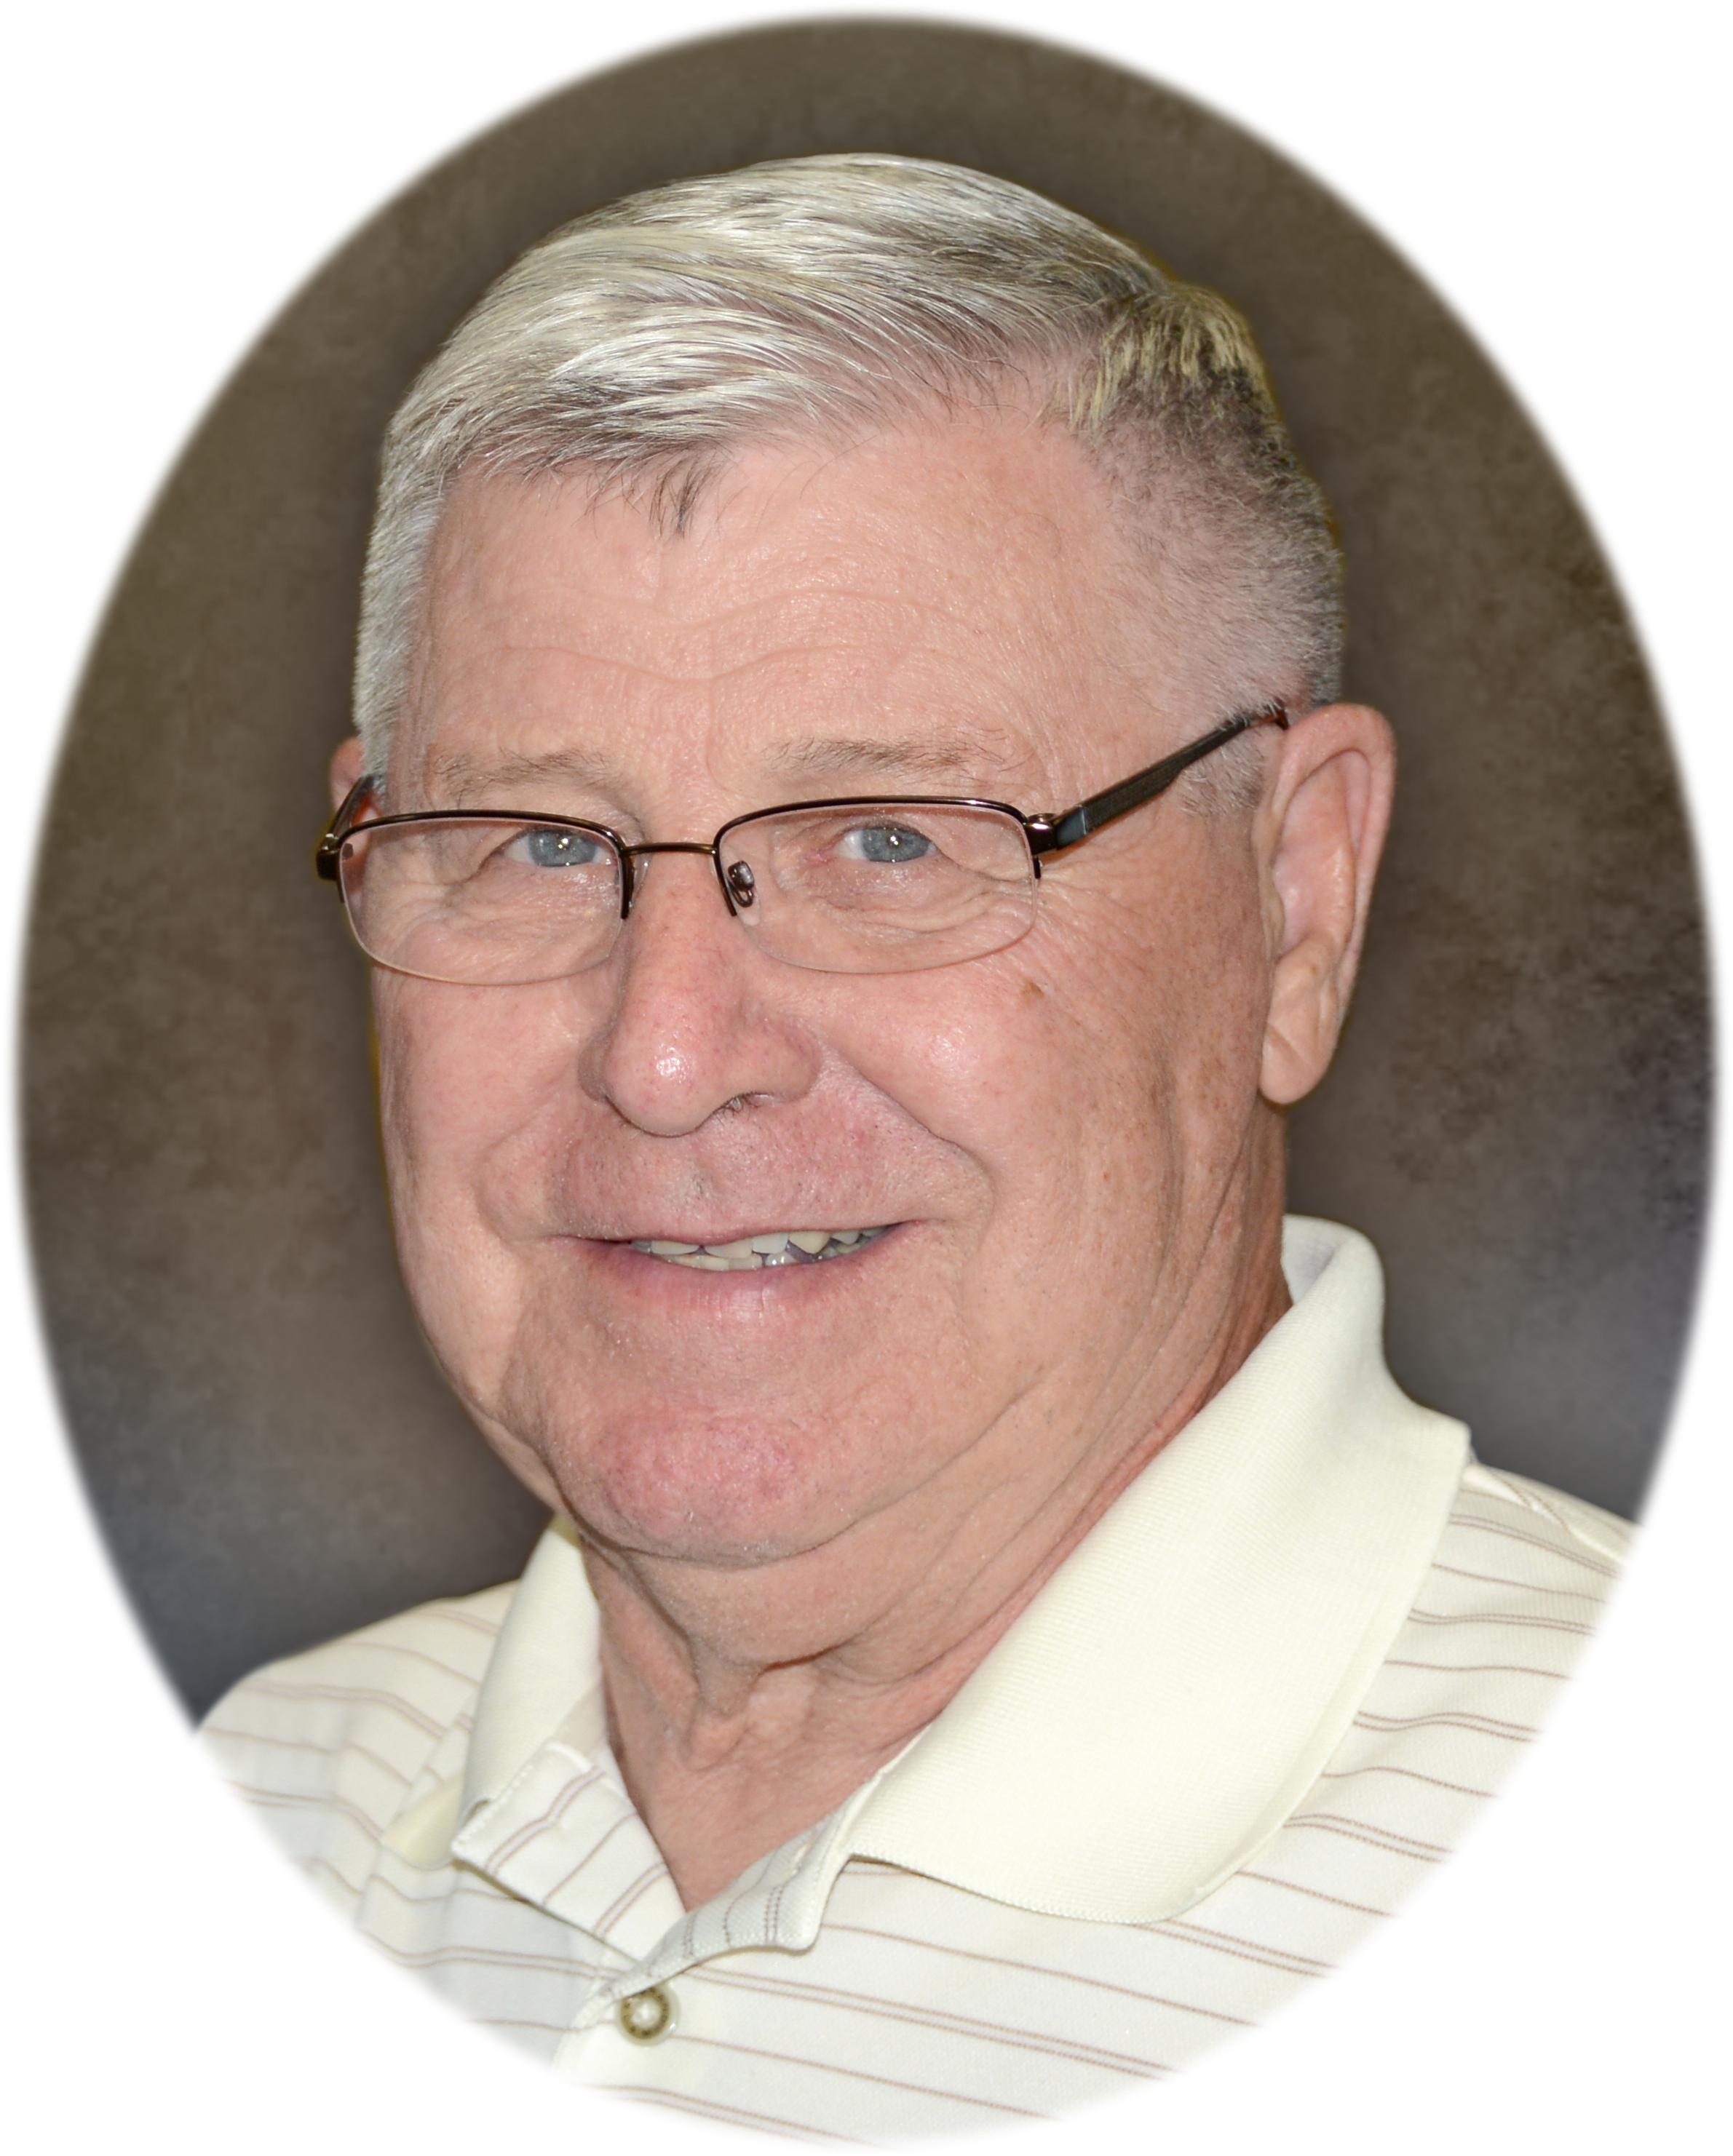 Paul J. Gibbons